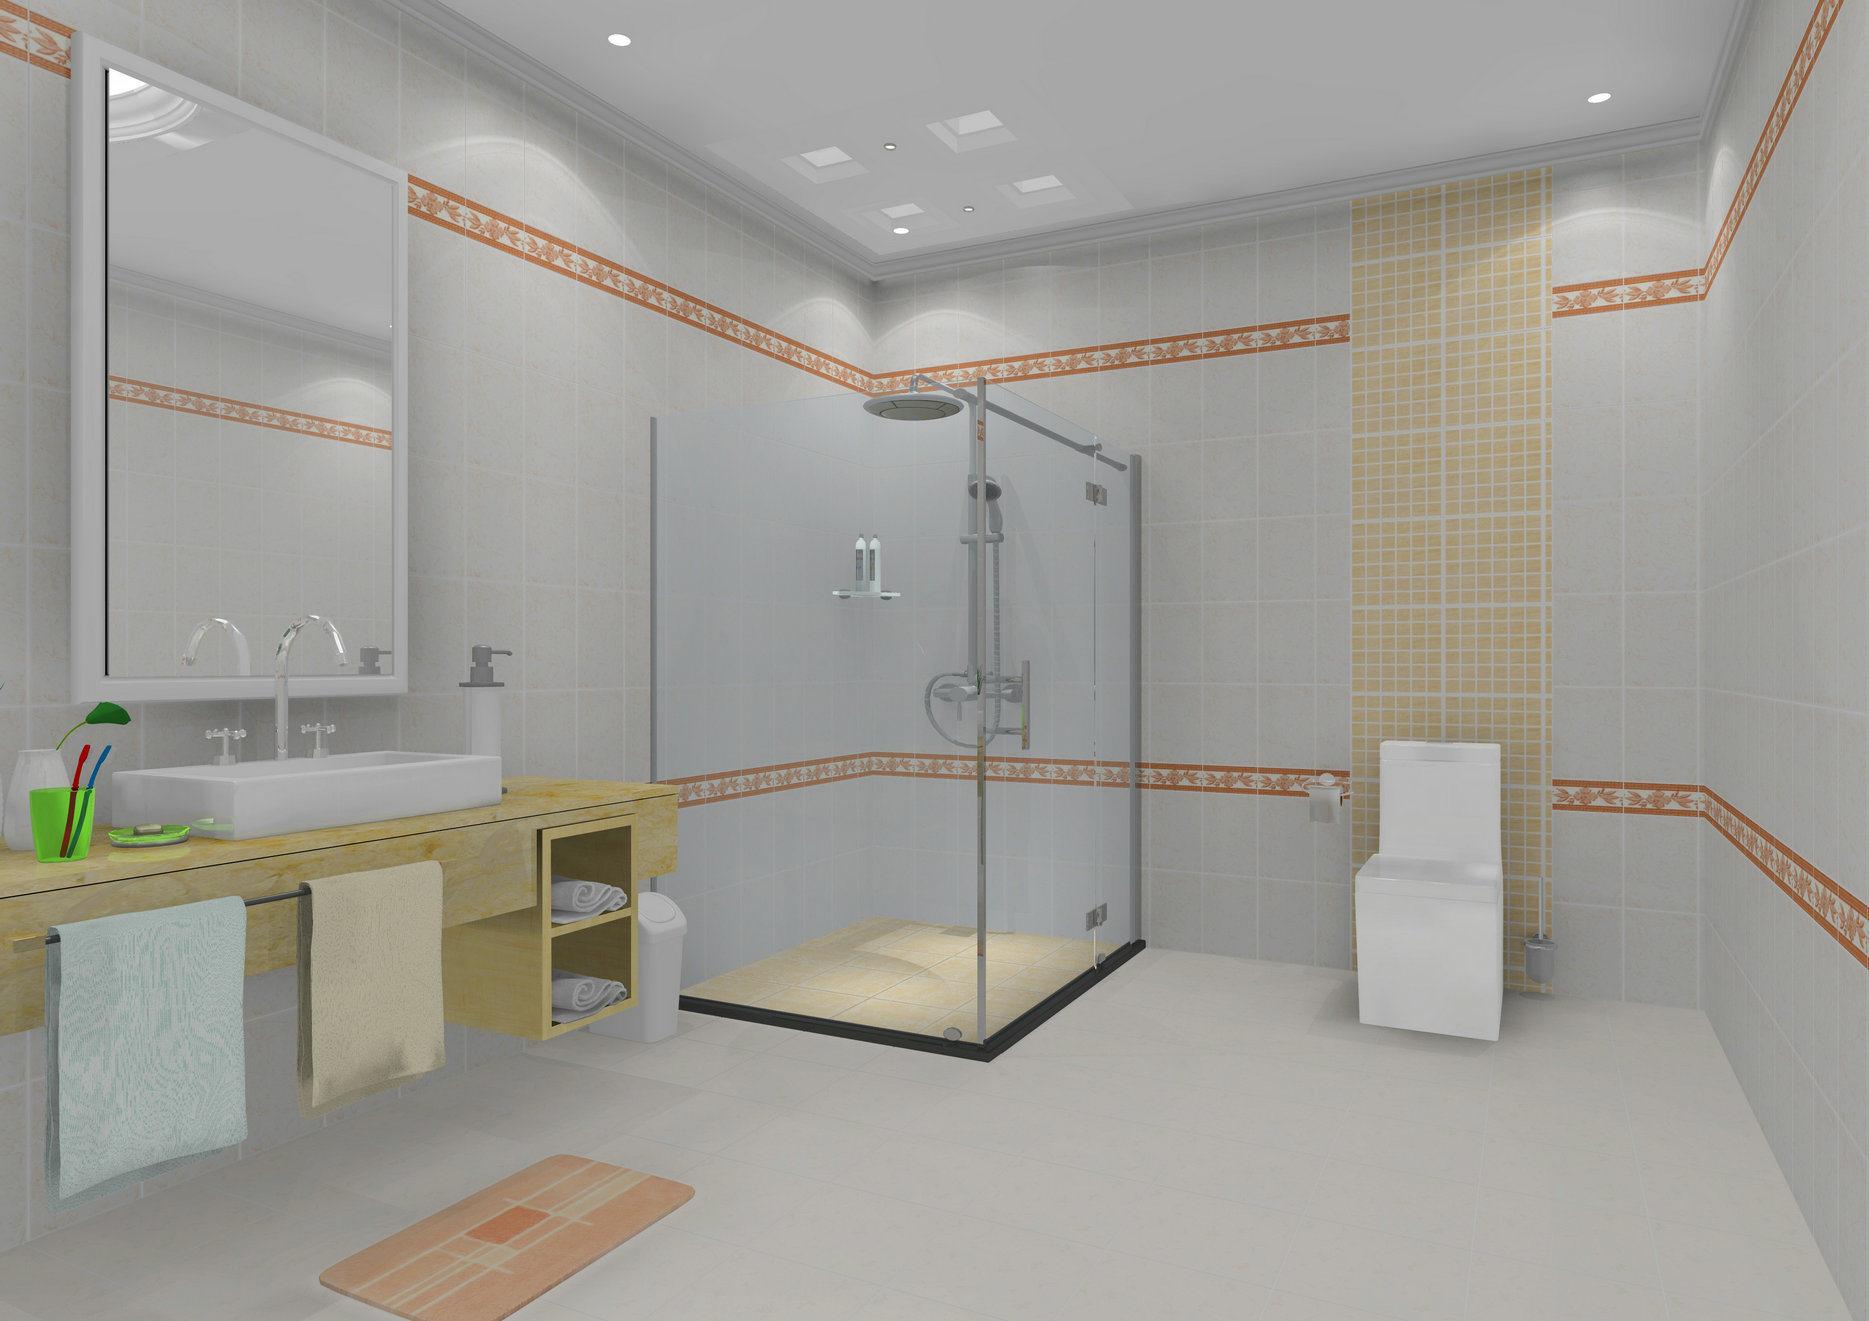 Foto de Cocina y cuarto de baño baldosas de pared de ...